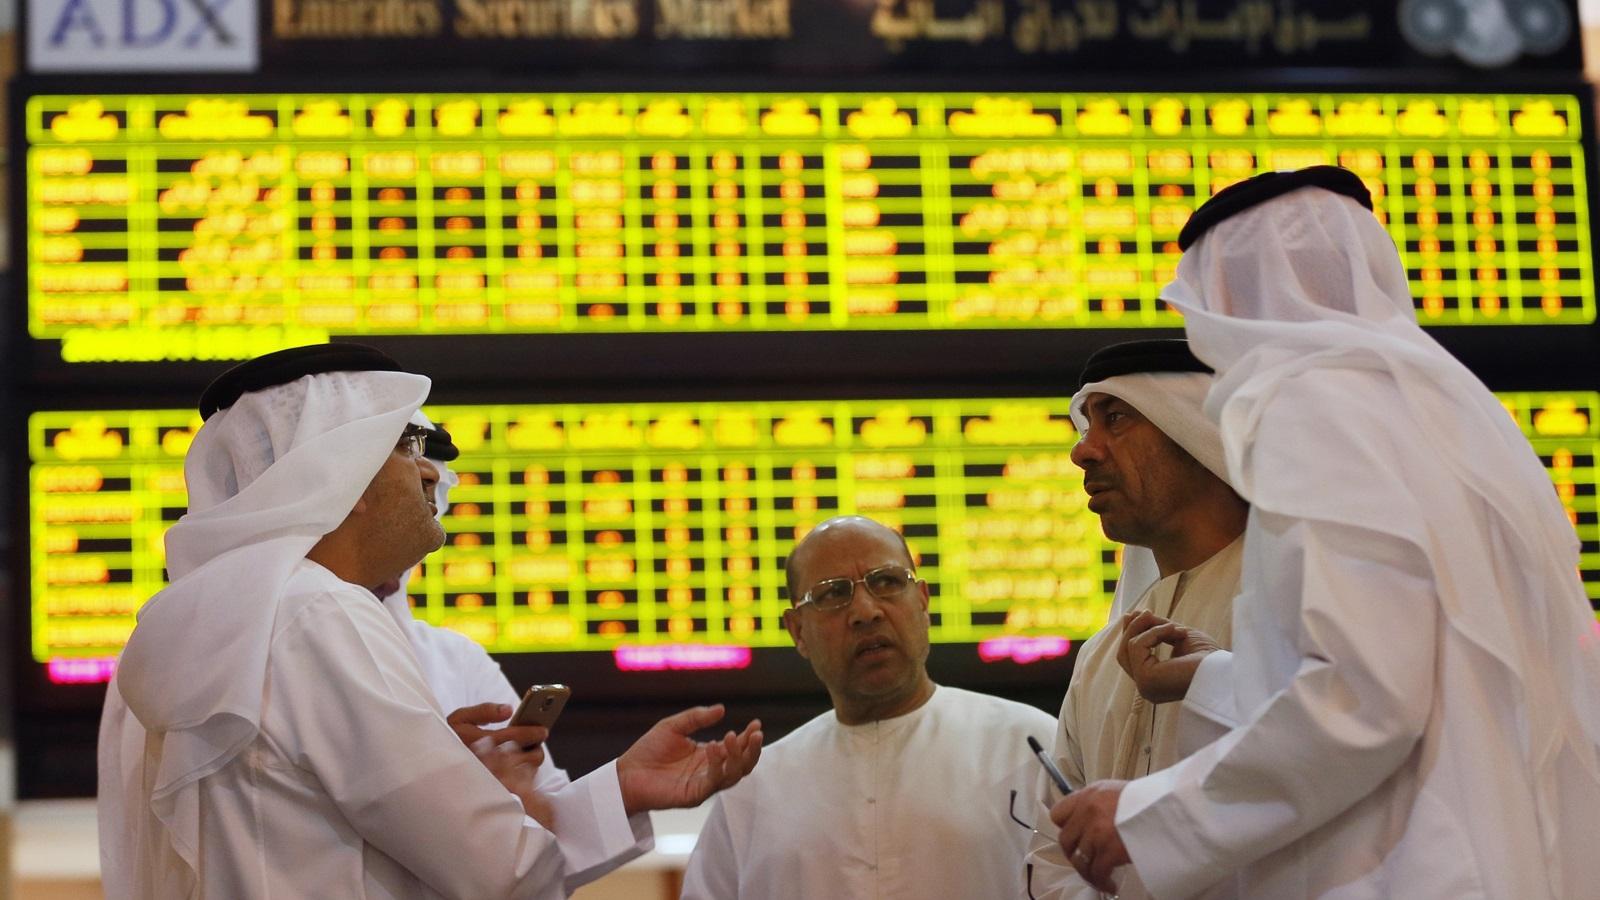 بورصة دبي تقفز في نهاية عام قوي للخليج والنفط يخيم على آفاق 2019